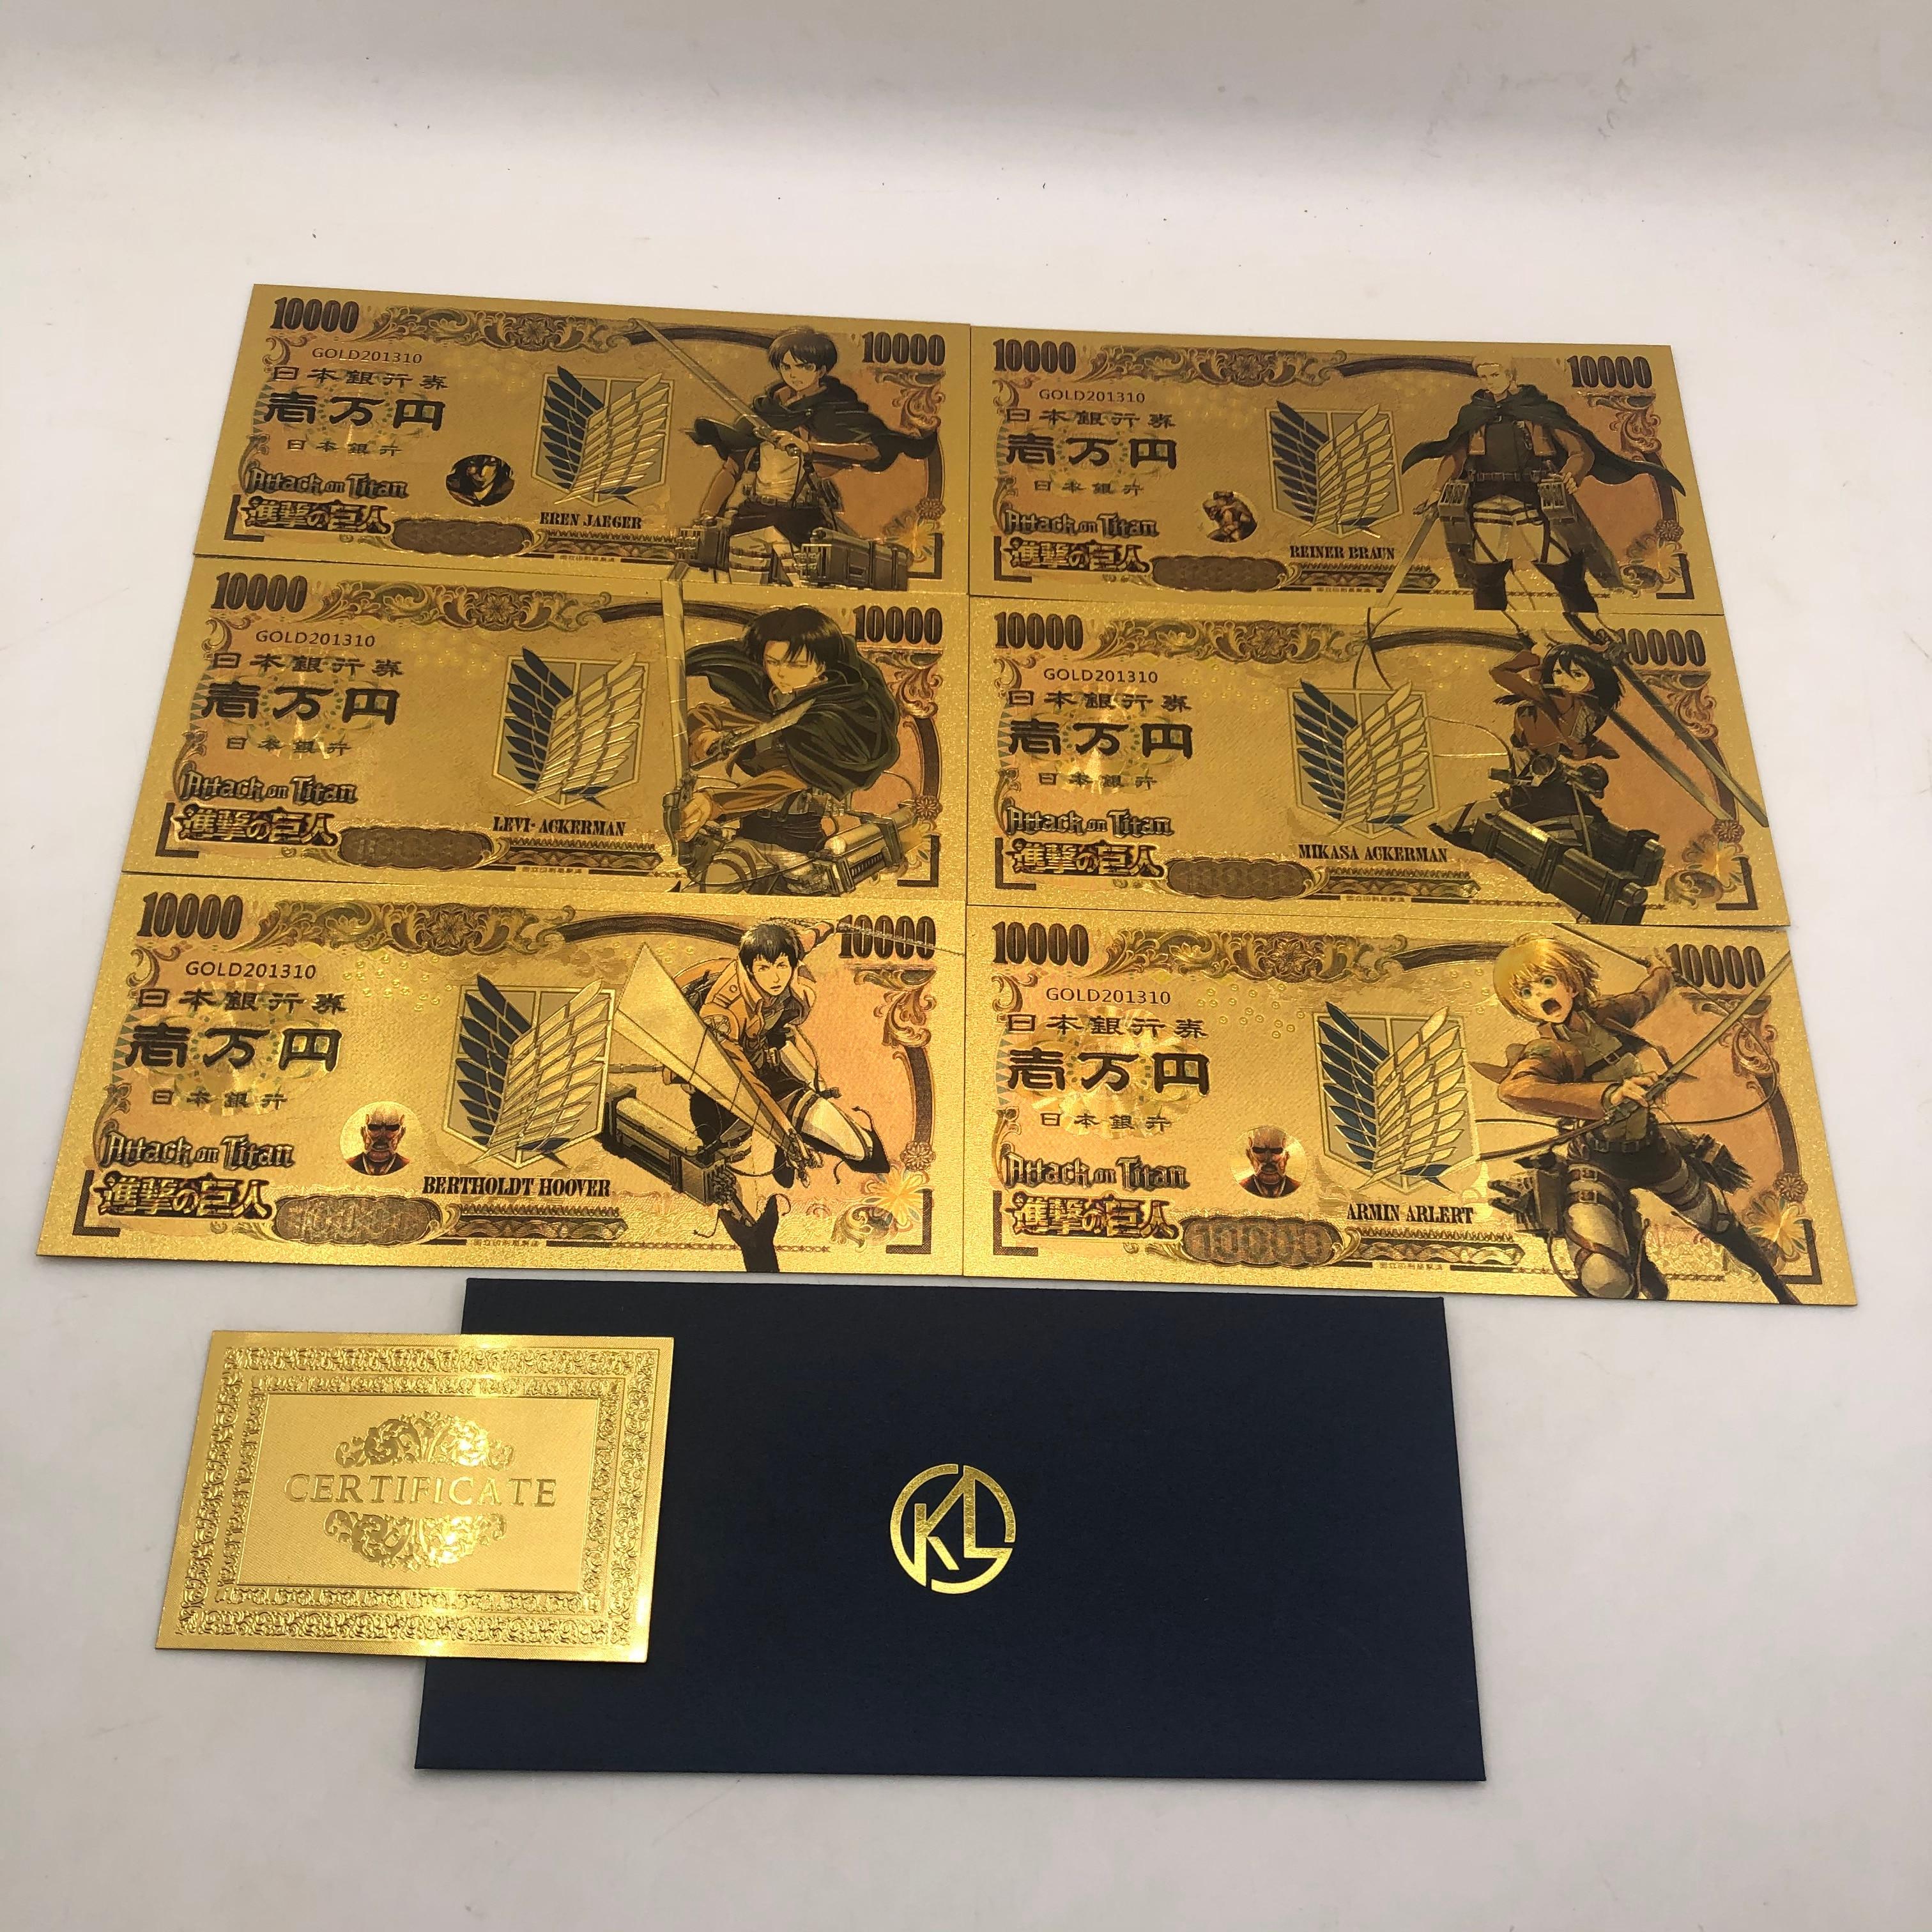 2020 Лидер продаж; Обувь с рисунками из японского аниме золото банкнот для косплея по аниме «атака на Титанов» (Стикеры с принтом в виде персон...